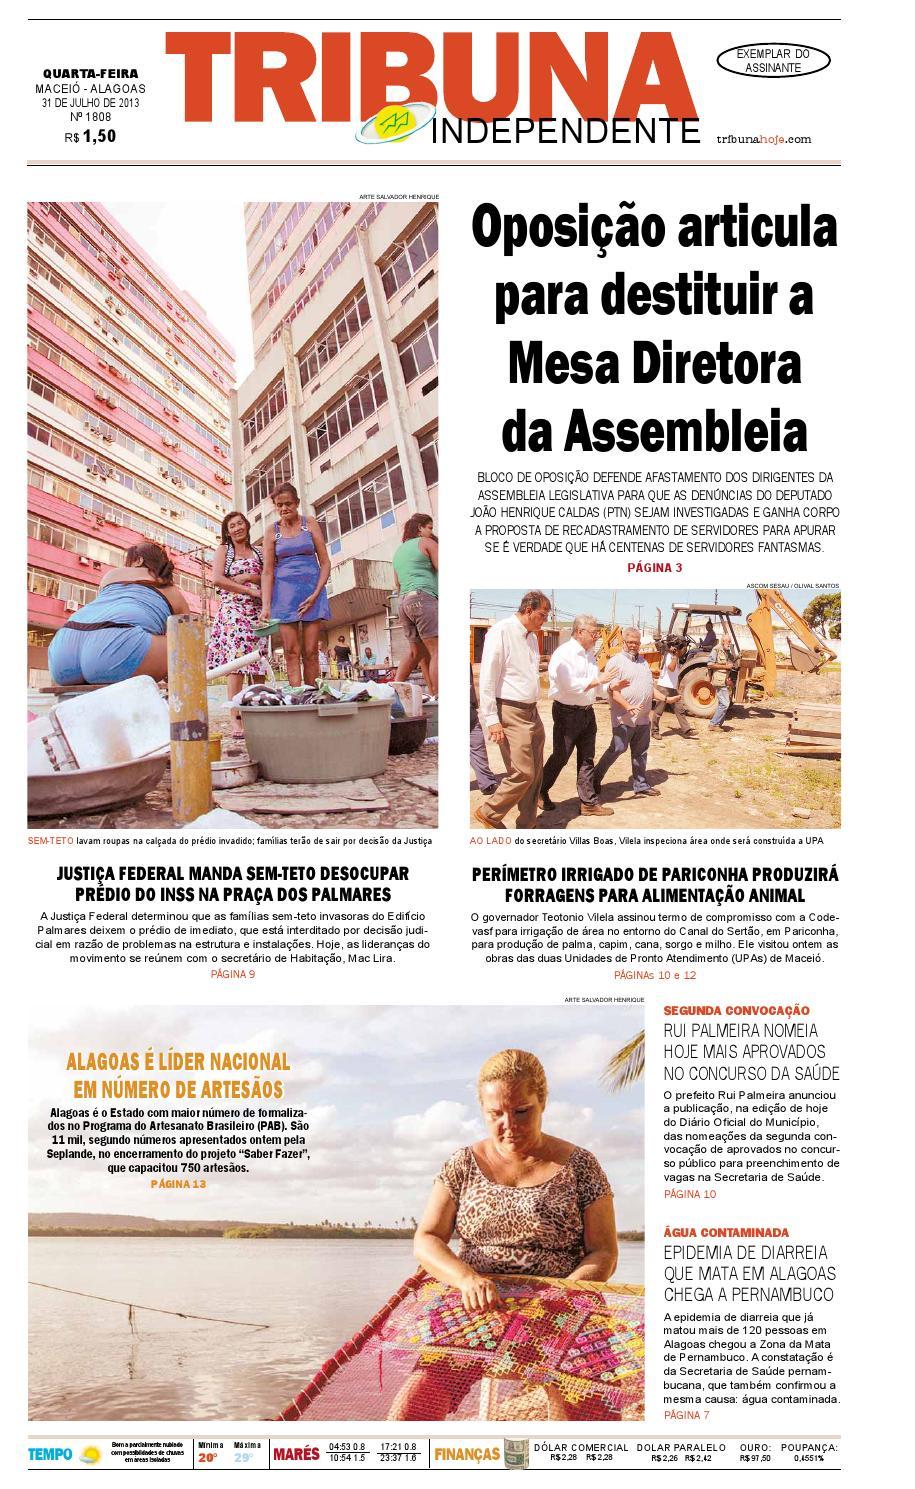 7ce8ff8a1 Edição número 1808 - 31 de julho de 2013 by Tribuna Hoje - issuu